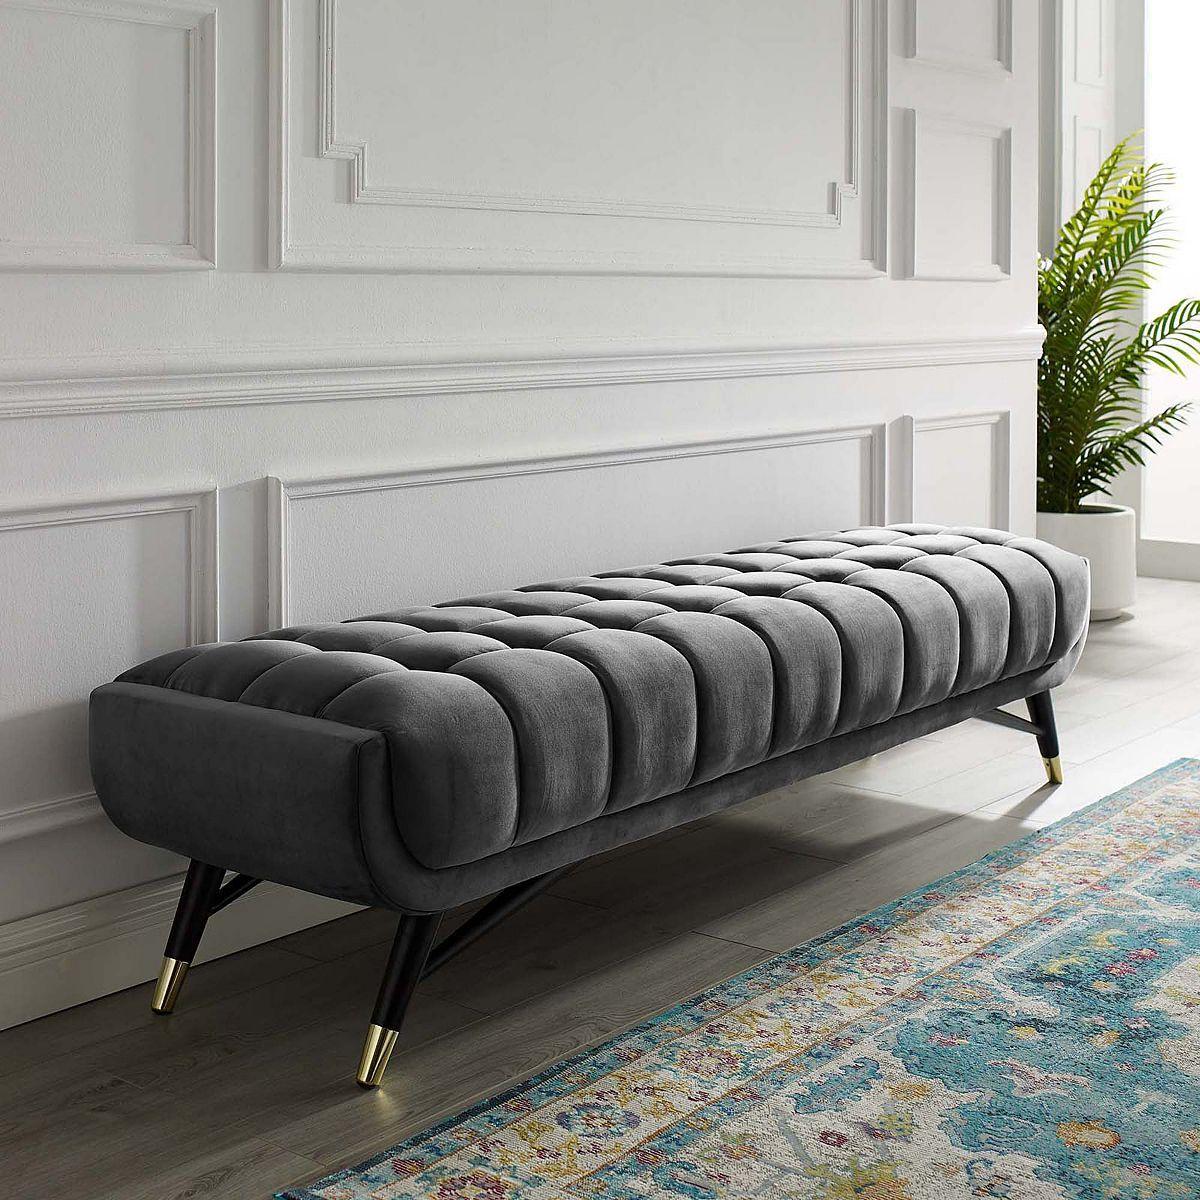 Modway Adept Upholstered Velvet Bench Upholstered Bench Living Room Bench Velvet Bench Living room upholstered bench